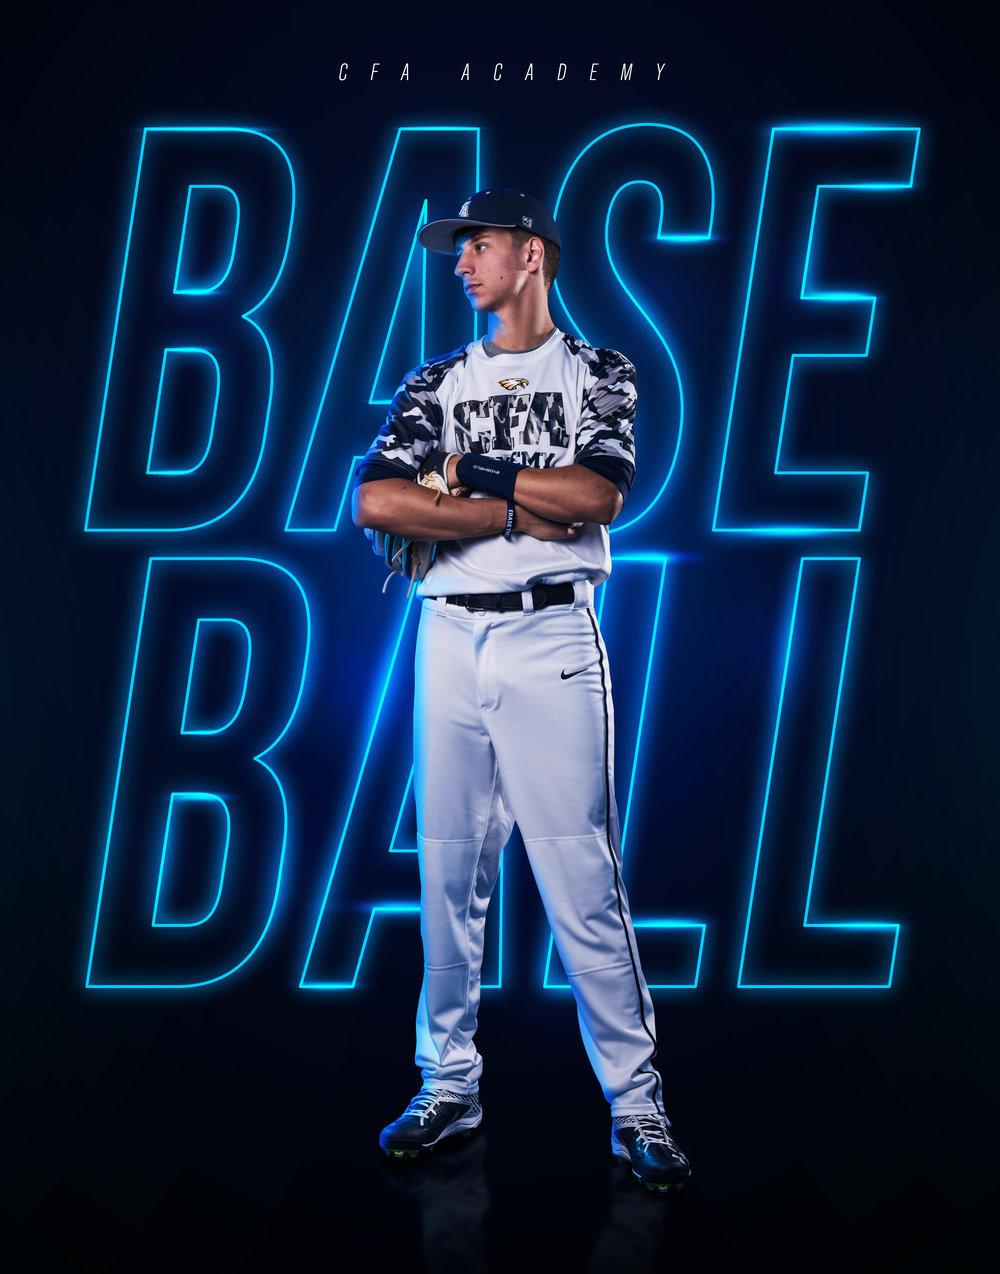 baseball-Poster.jpg